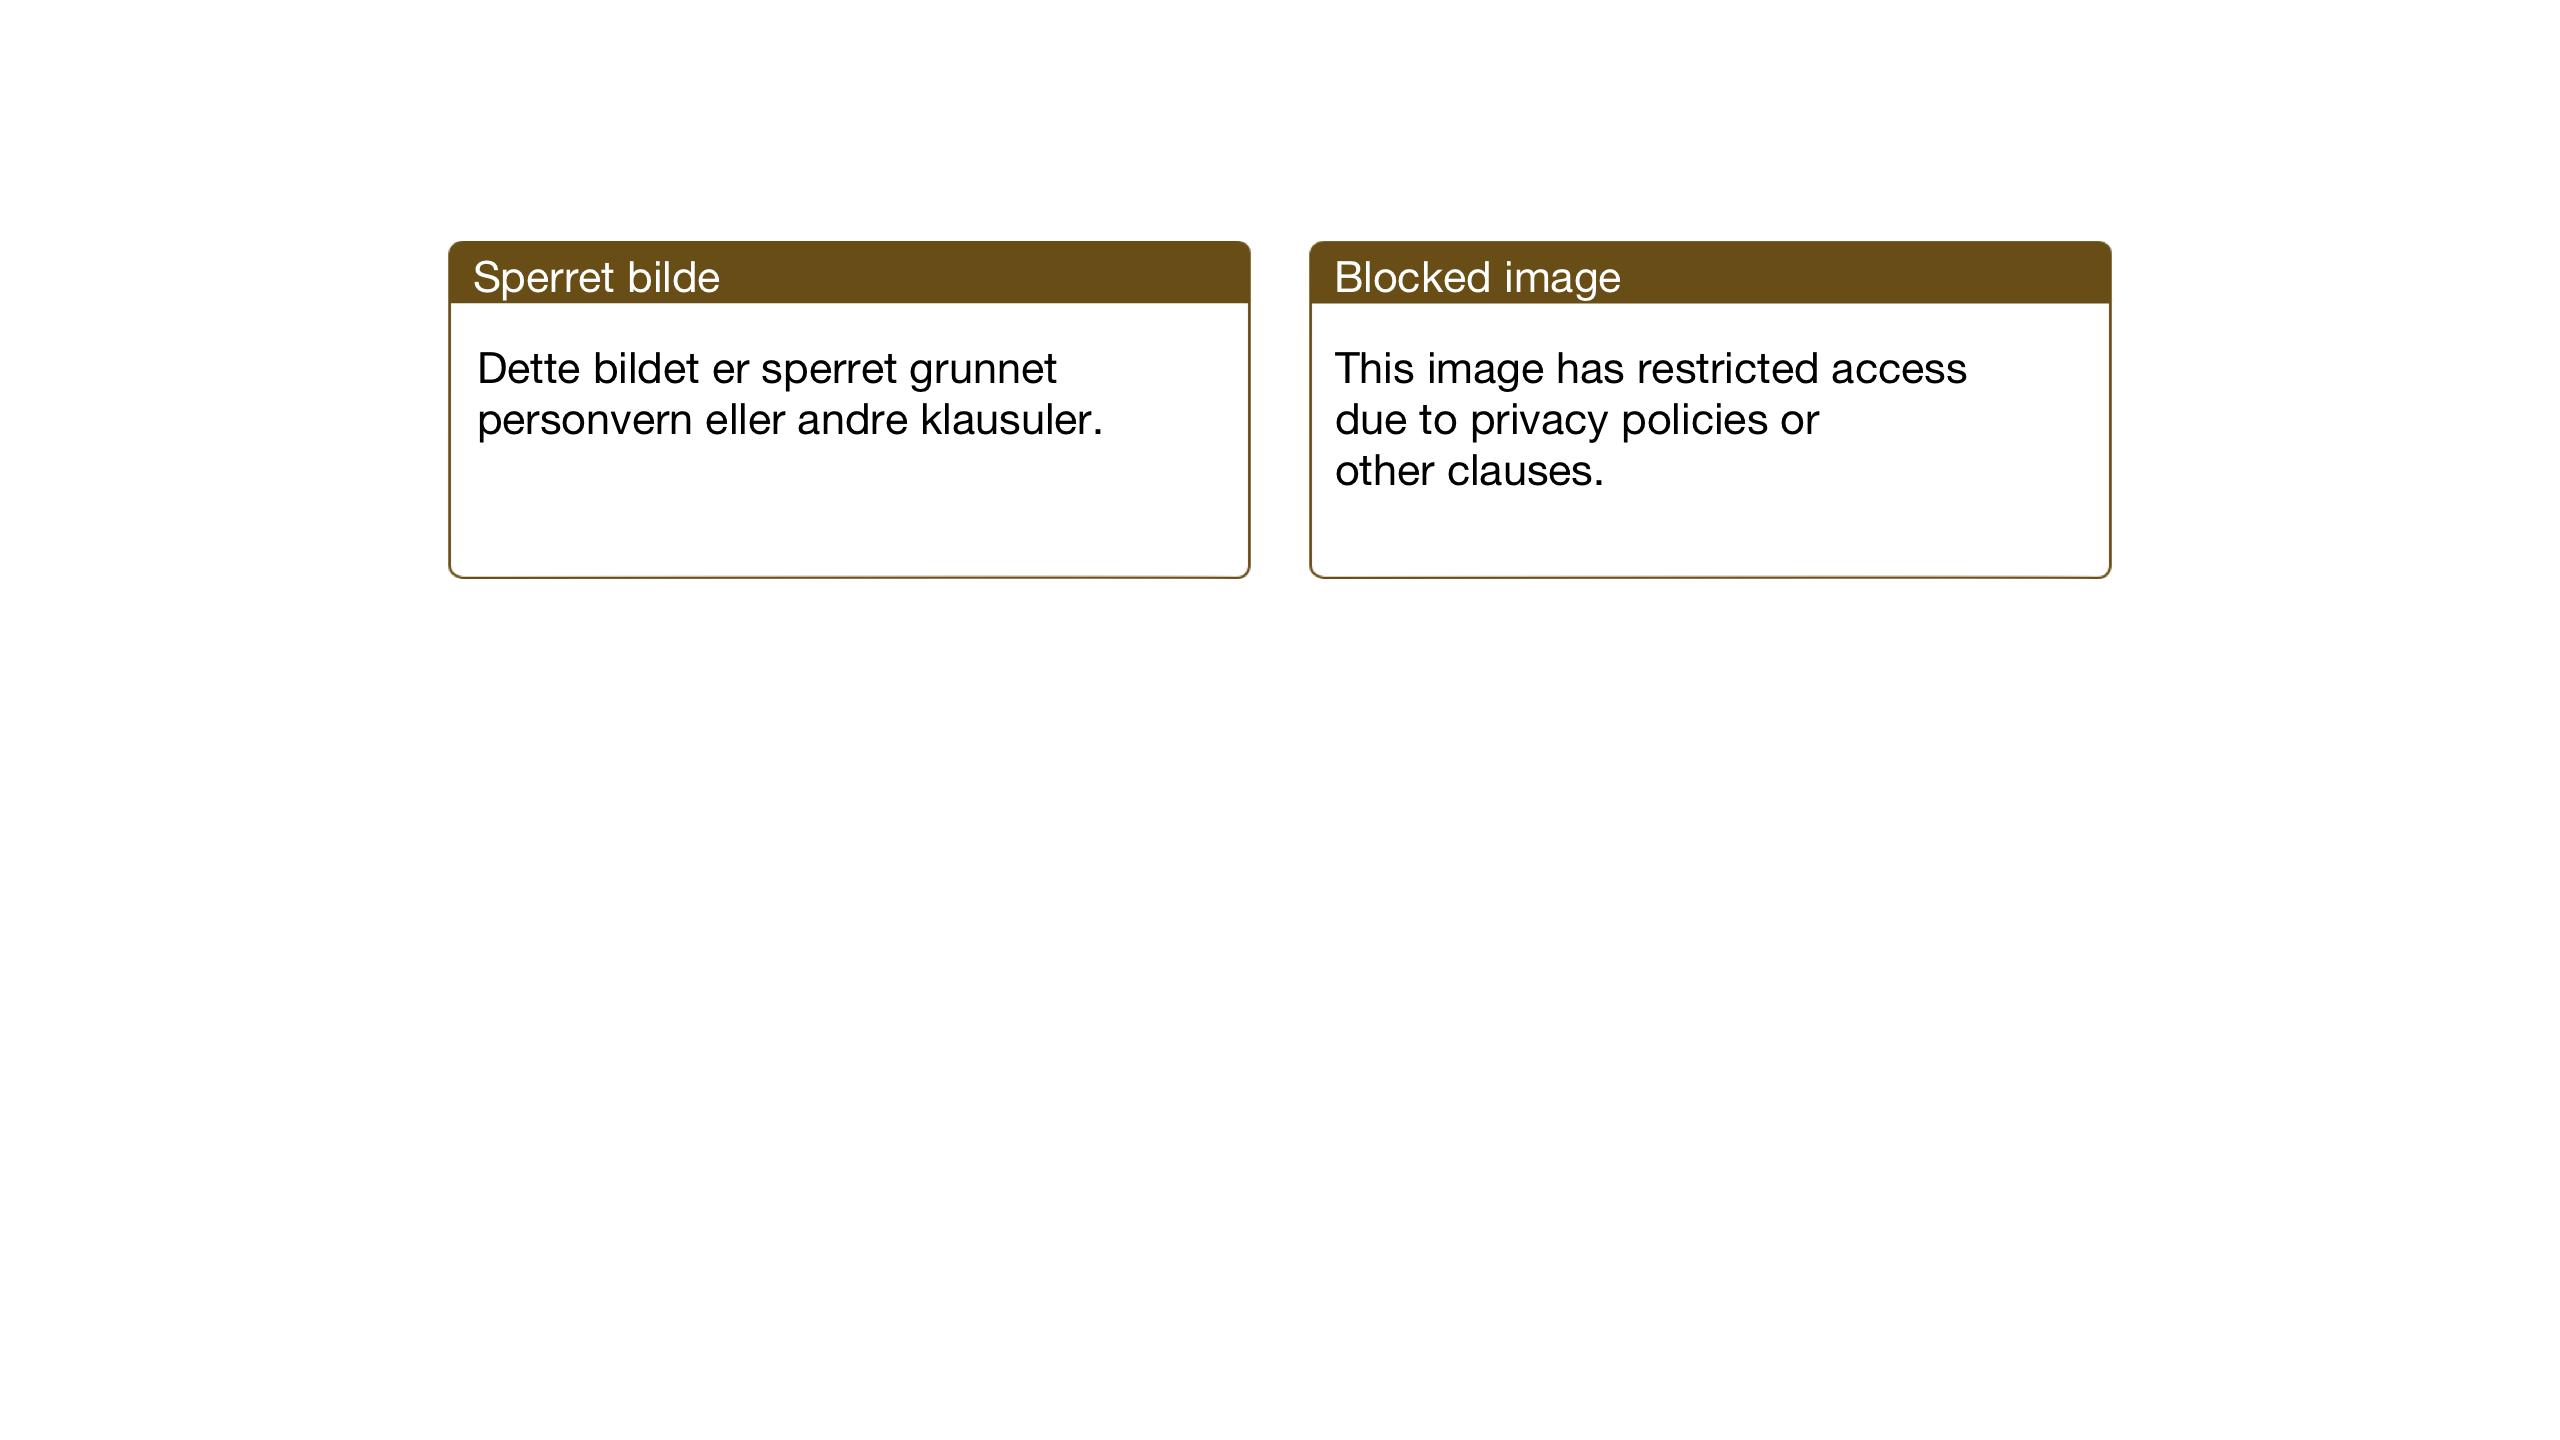 SAT, Ministerialprotokoller, klokkerbøker og fødselsregistre - Nord-Trøndelag, 732/L0319: Klokkerbok nr. 732C03, 1911-1945, s. 29